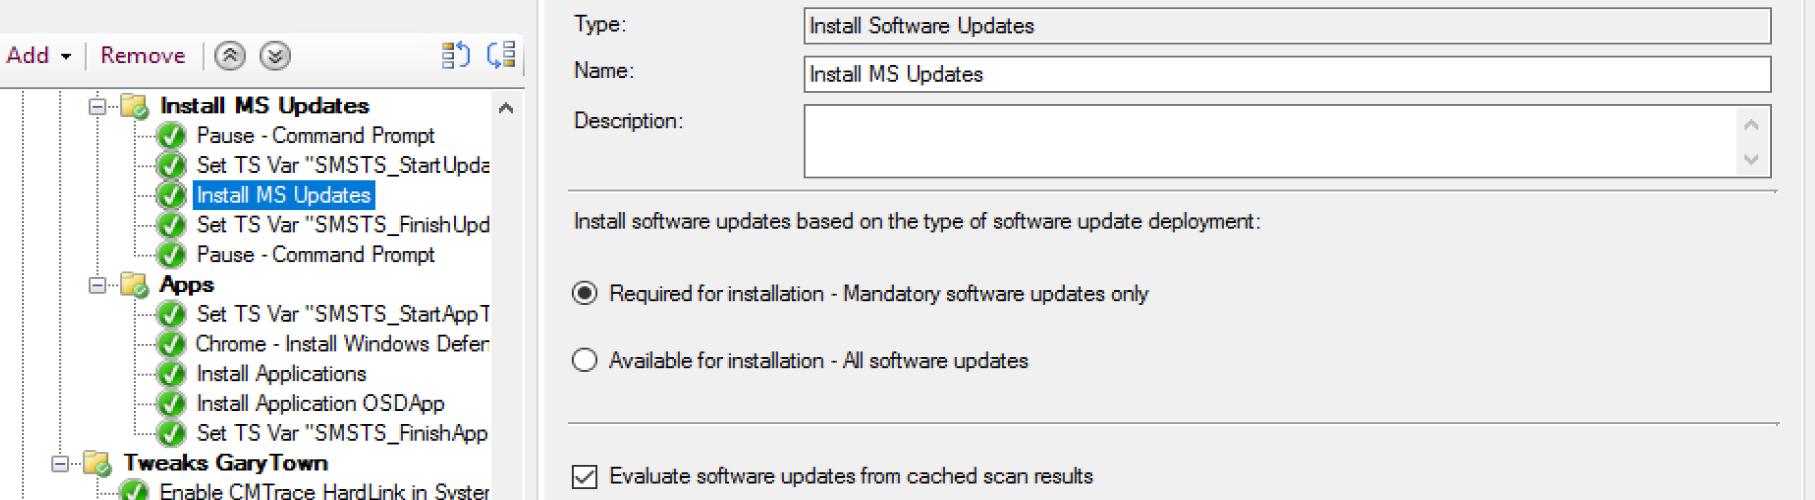 Install Software Update 7